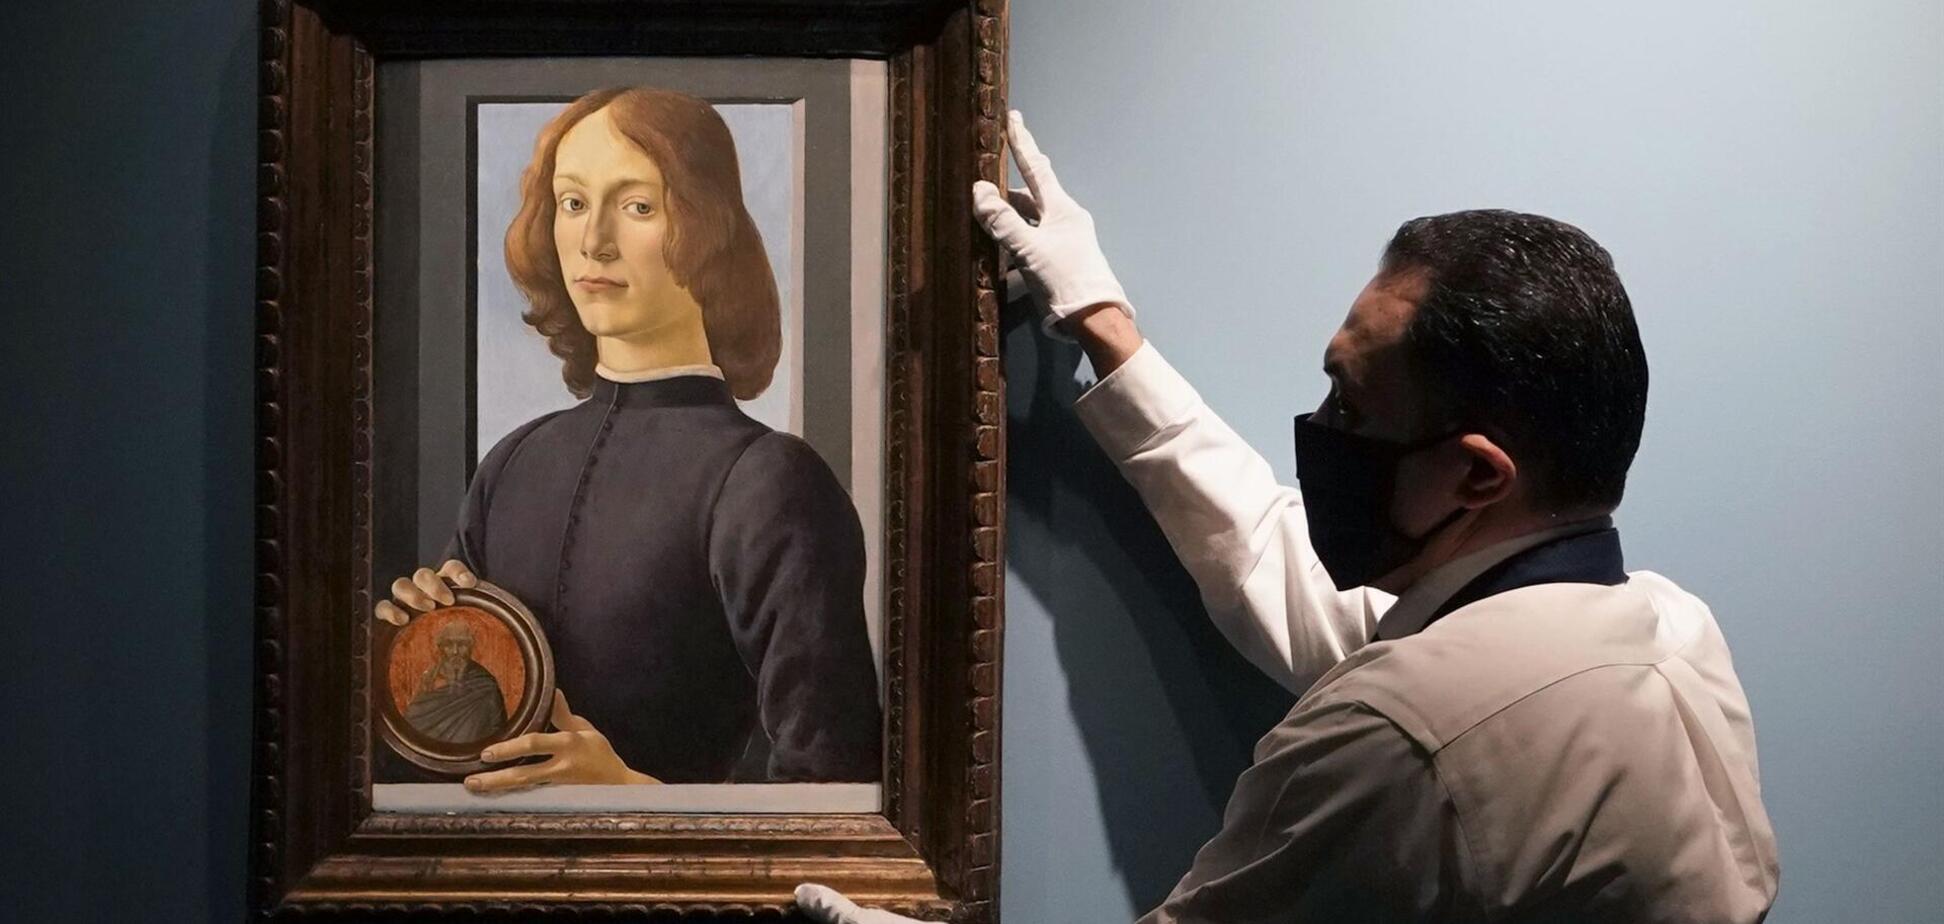 Відому картину Сандро Боттічеллі продали більш ніж за $92 млн